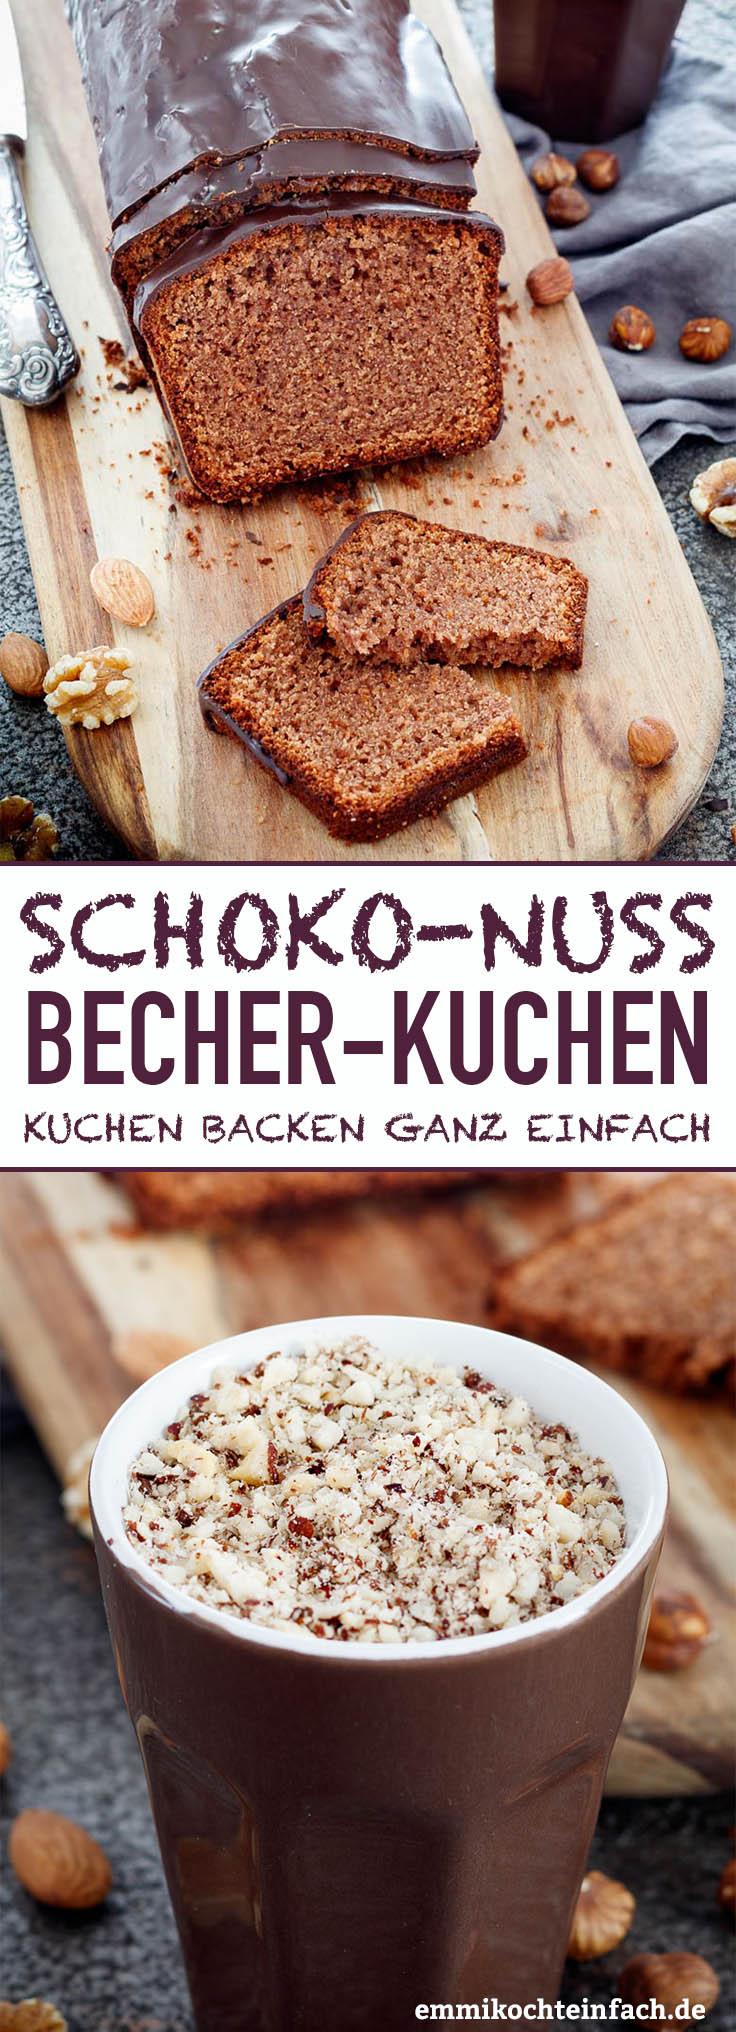 Schoko Nuss Becherkuchen - www.emmikochteinfach.de